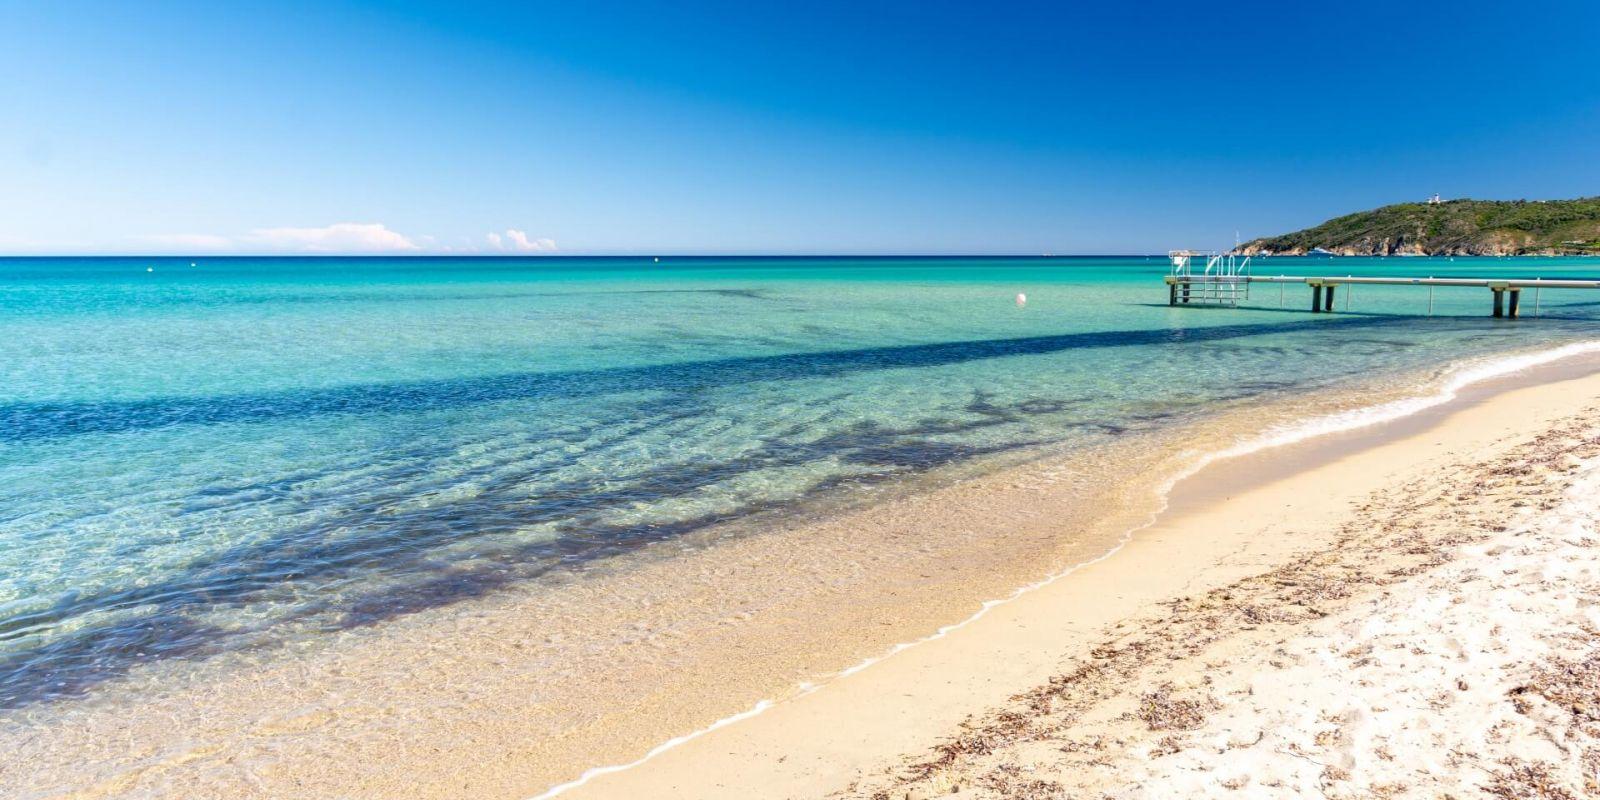 Location yacht Saint-Tropez Ramatuelle plage de Pampelonne, louer un yacht à Saint-Tropez